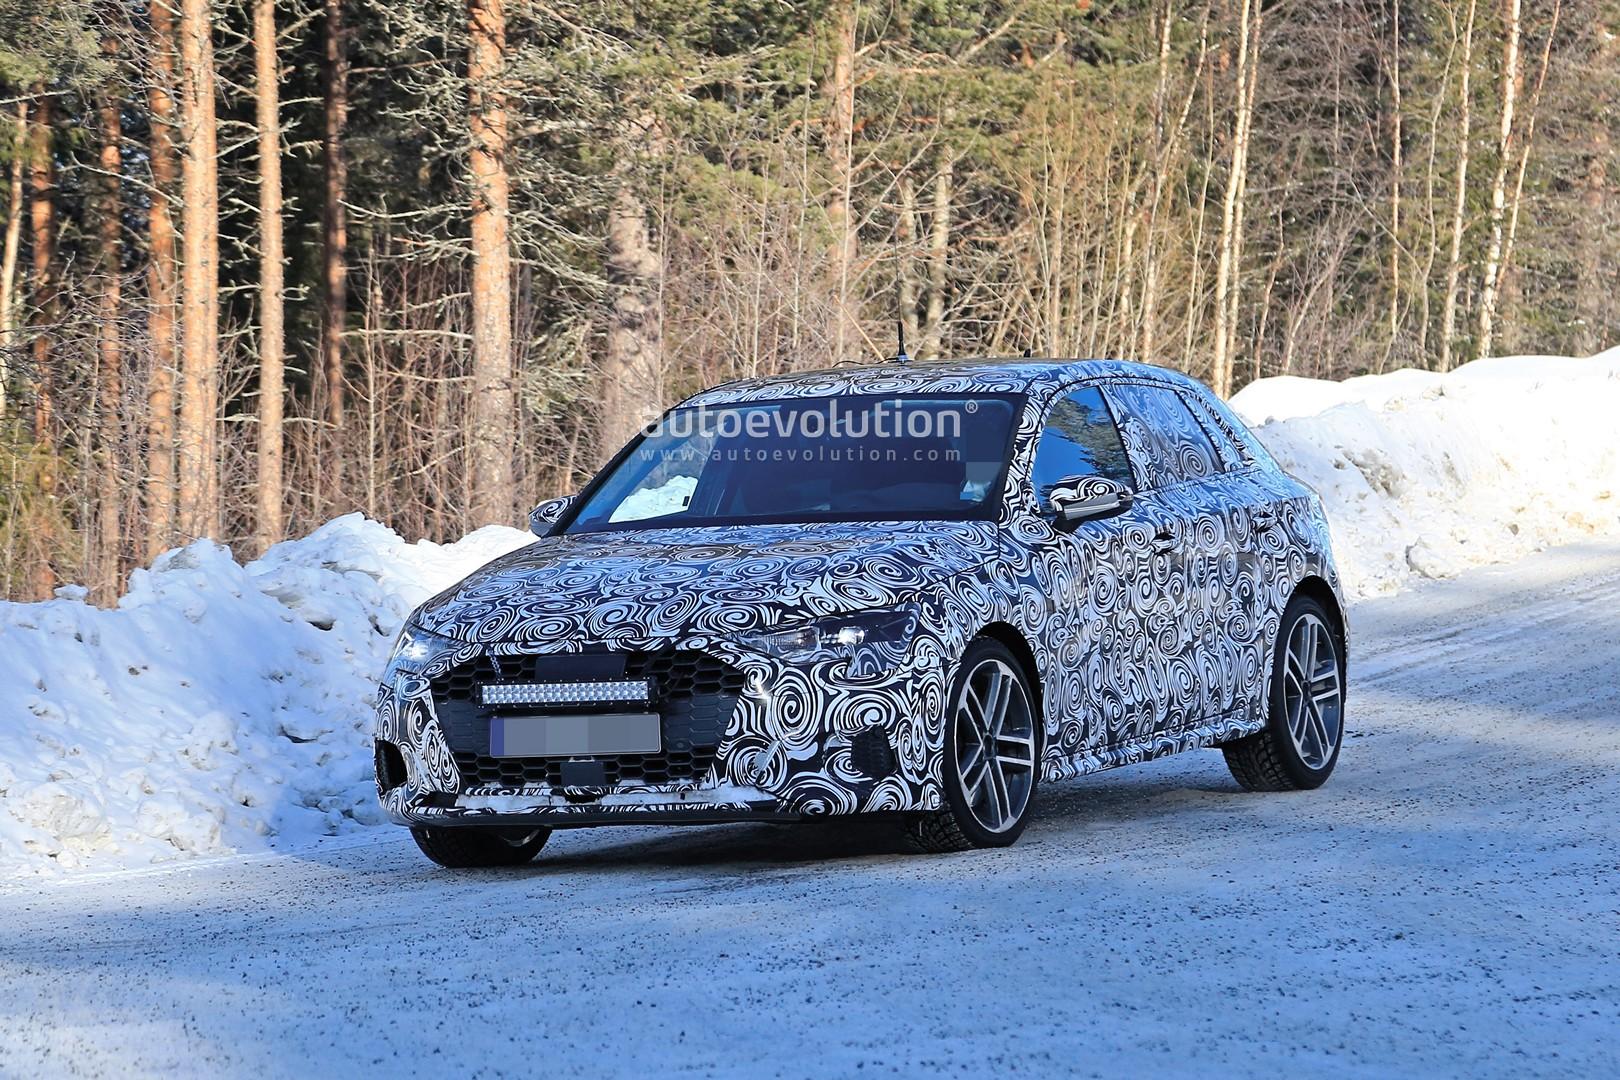 2020 Audi S3 Spied Winter Testing As Hybrid Rumors Persist